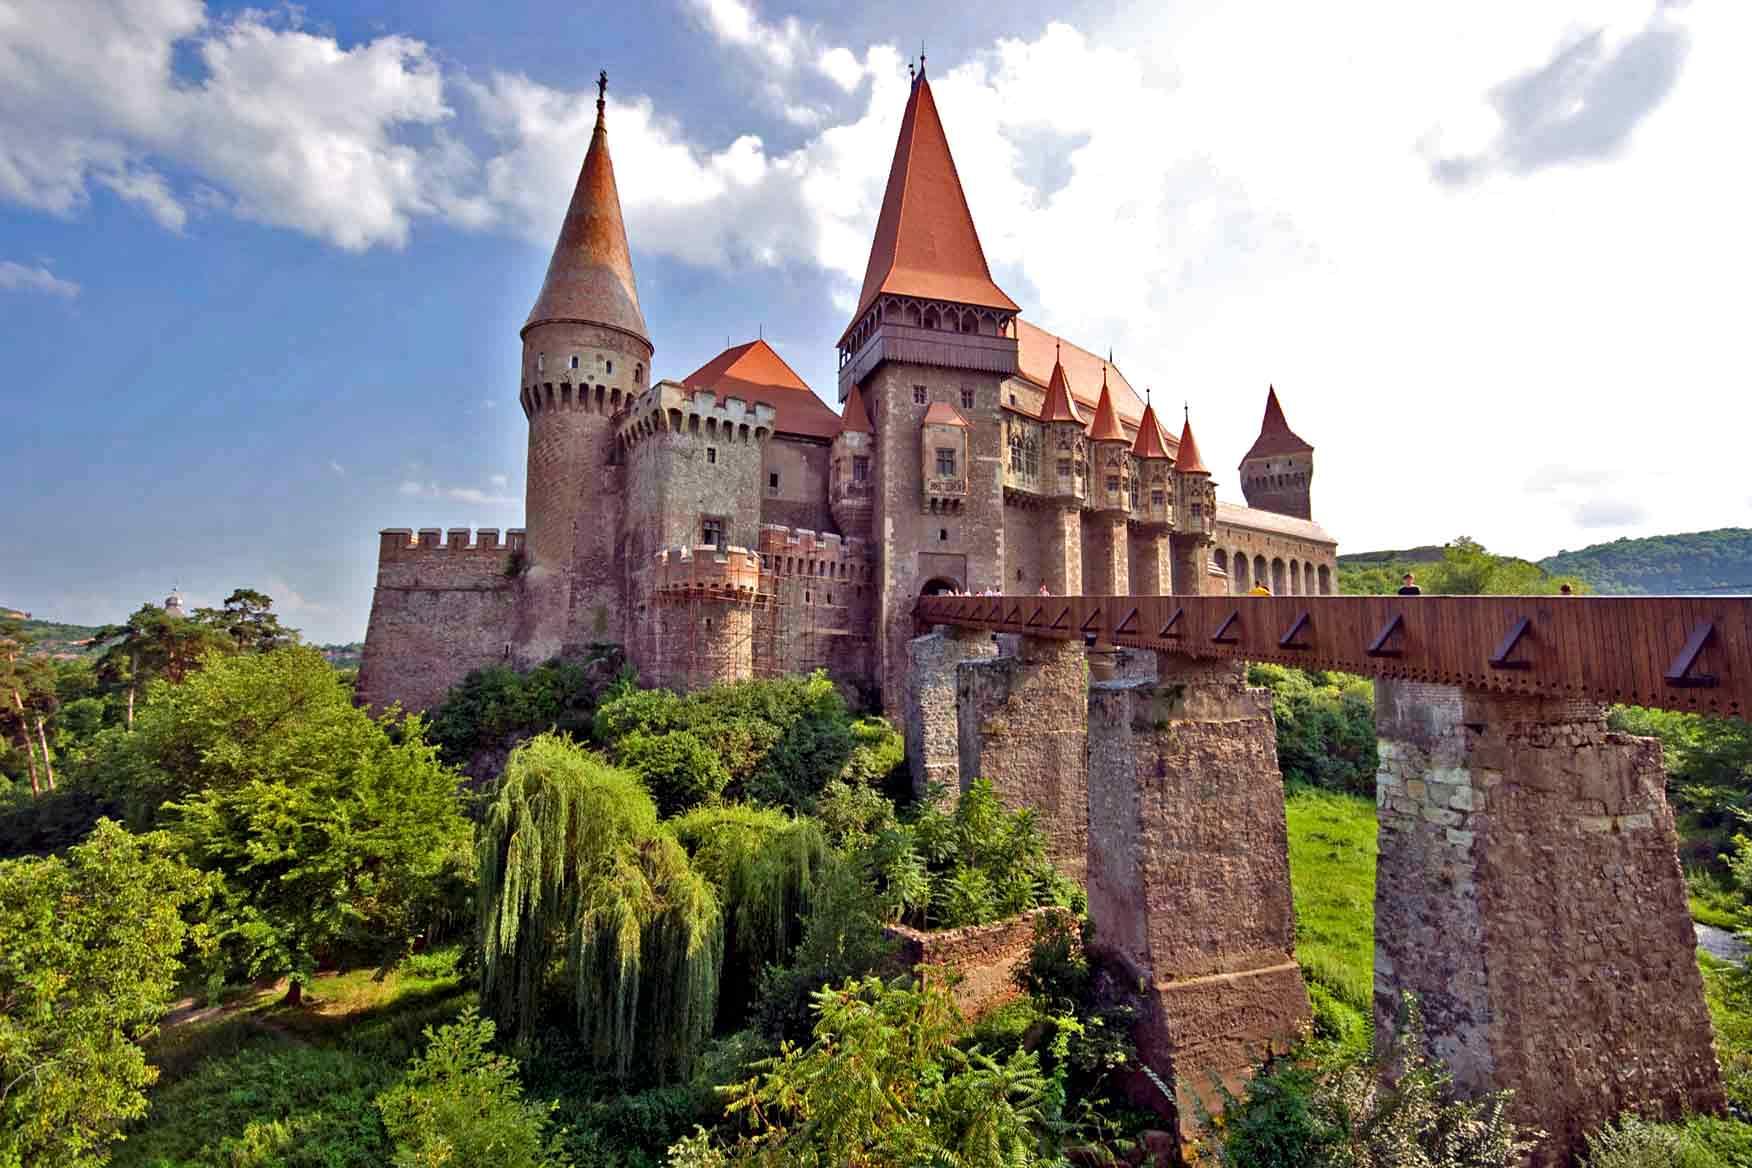 poze cu castele, biserici fortificate | imagini cu manastiri | transilvania obiective turistice ardeal